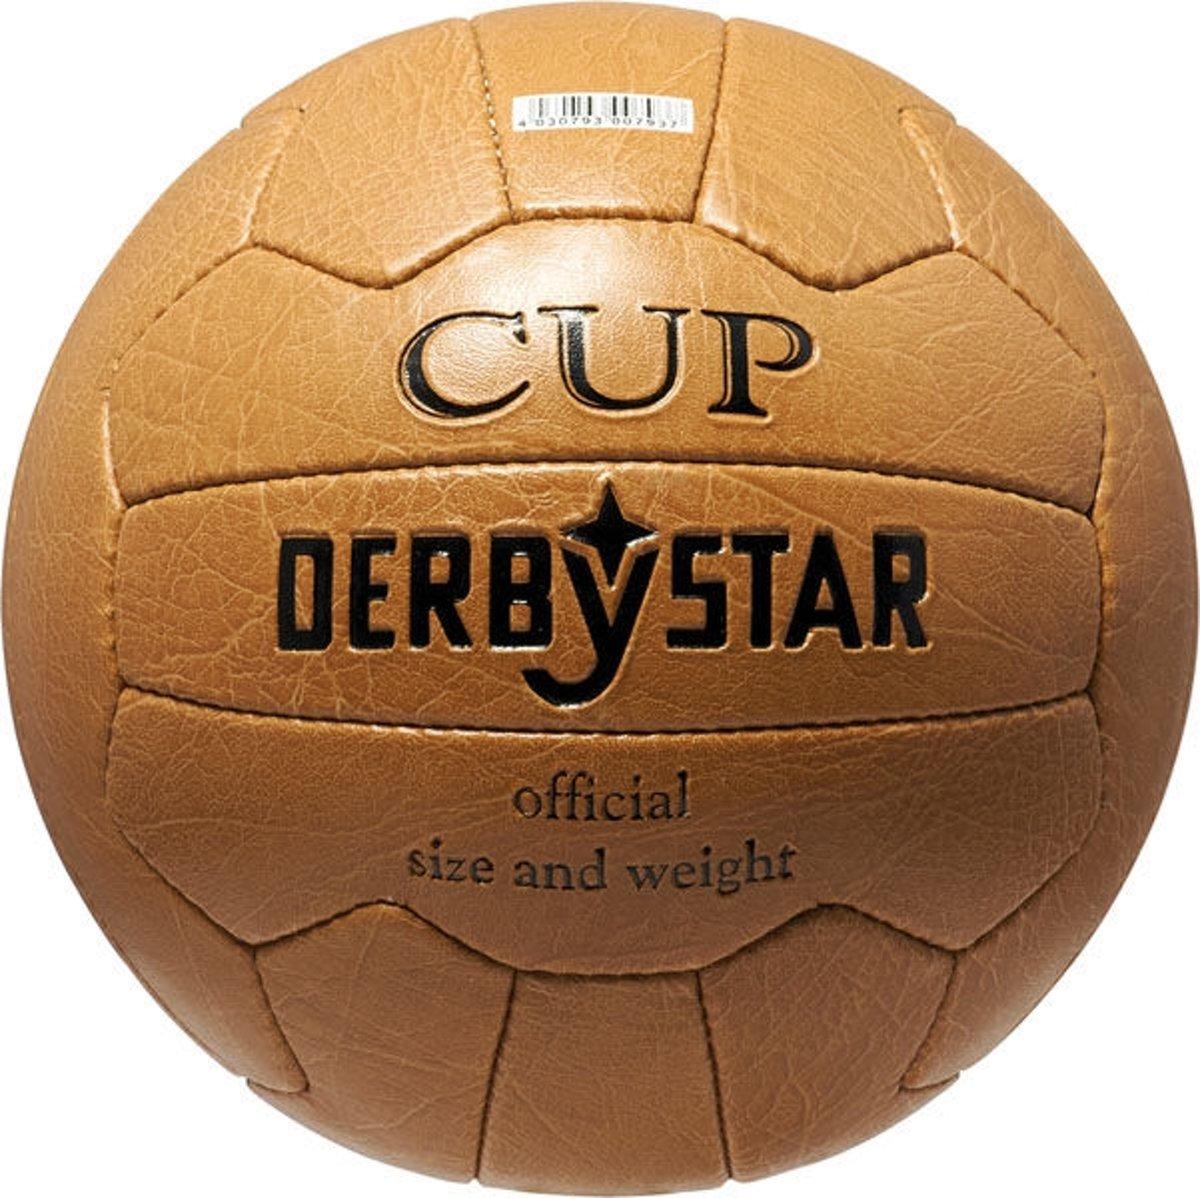 Derbystar VoetbalVolwassenen - bruin